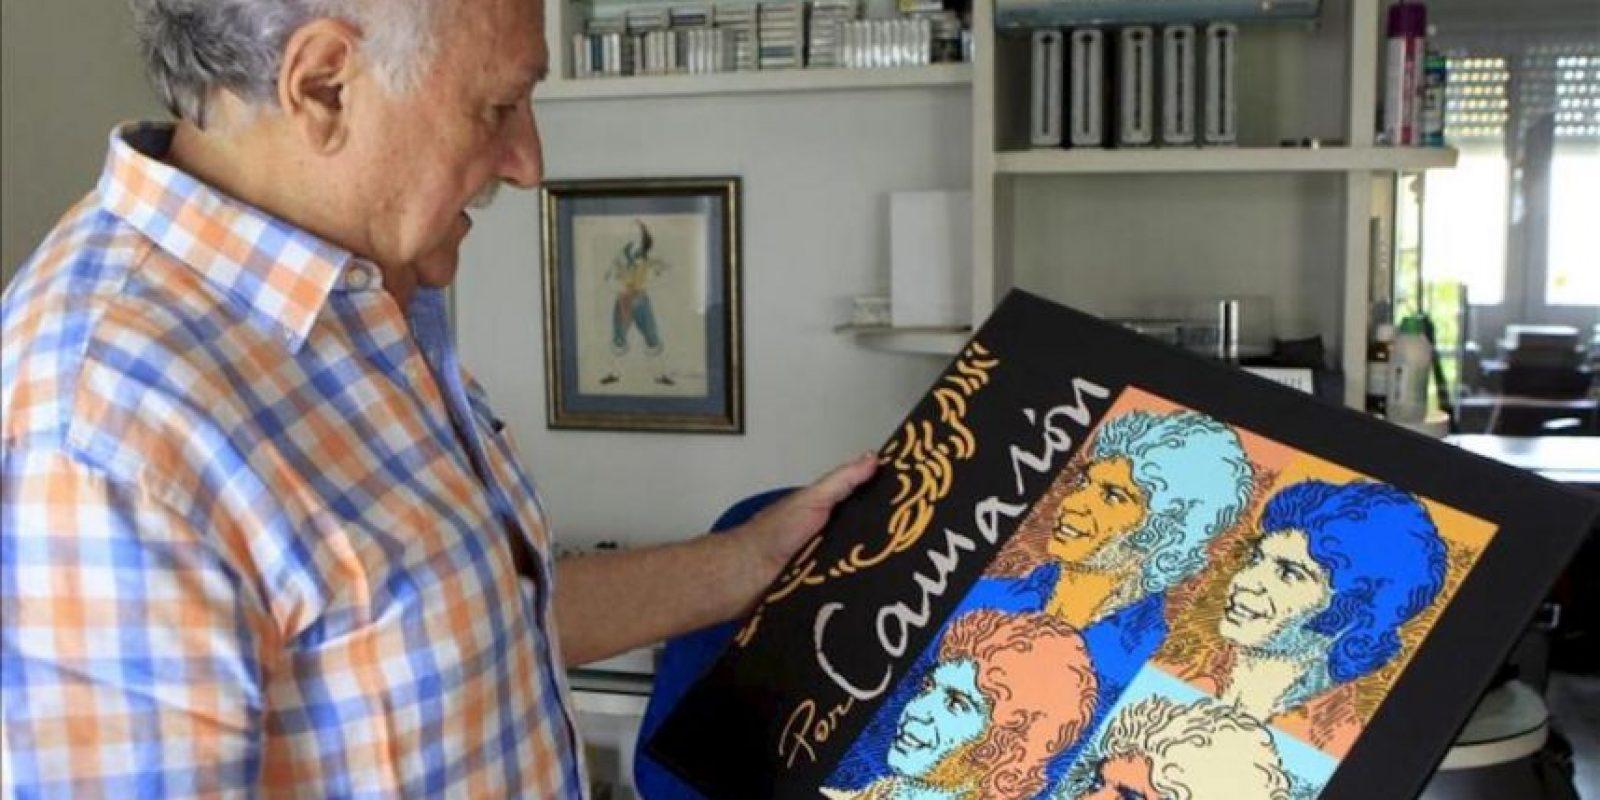 """Ricardo Pachón, productor de una docena de discos de Camarón de la Isla, entre ellos el legendario """"La leyenda del tiempo"""", durante la entrevista concedida a EFE con motivo del 20 aniversario de la muerte del cantaor y en la que ha dicho que a Camarón, """"tímido y humilde"""", le """"sacaba de quicio"""" verse """"deificado"""". EFE"""